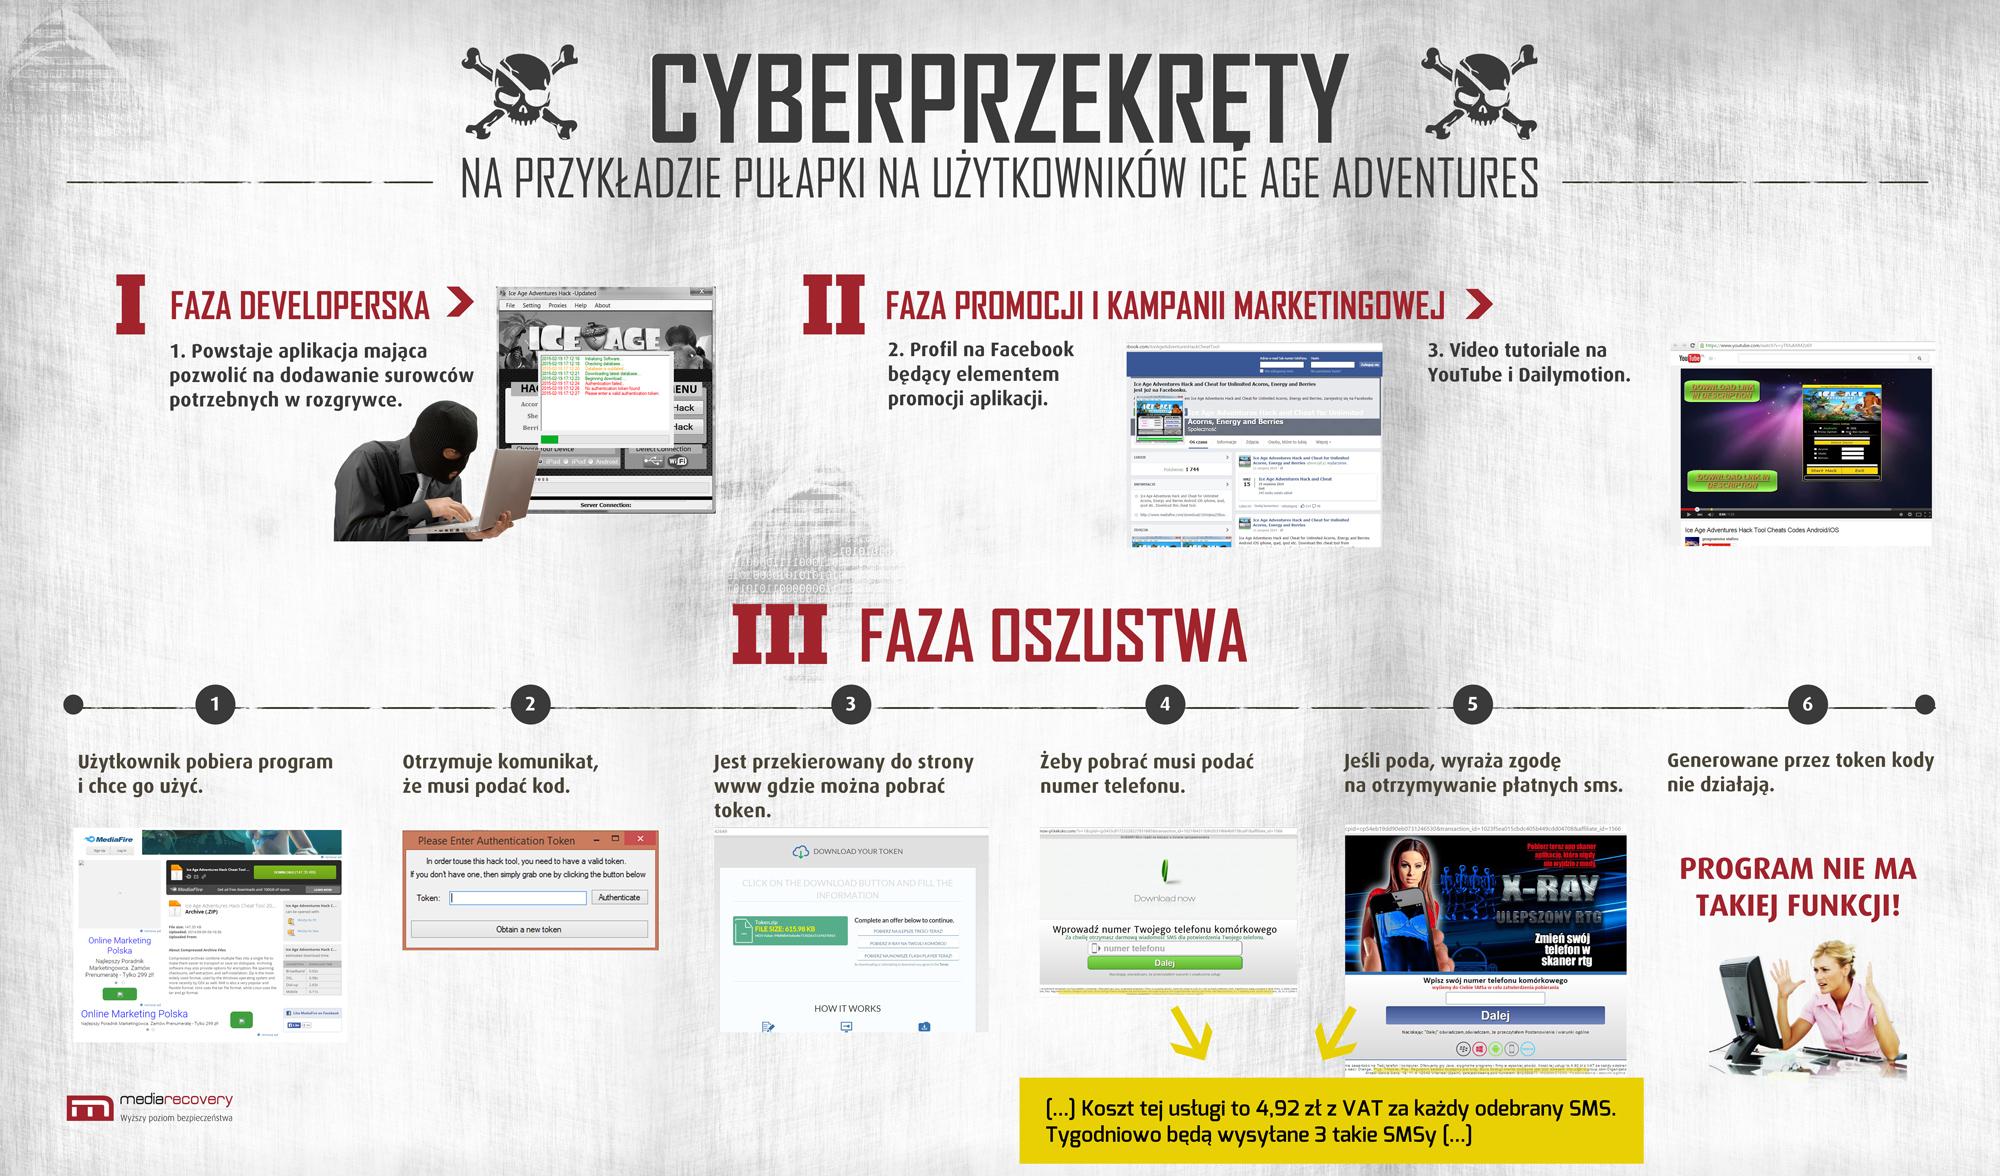 Mediarecovery_infografika_cyberprzekrety_jak_sie_to_robi